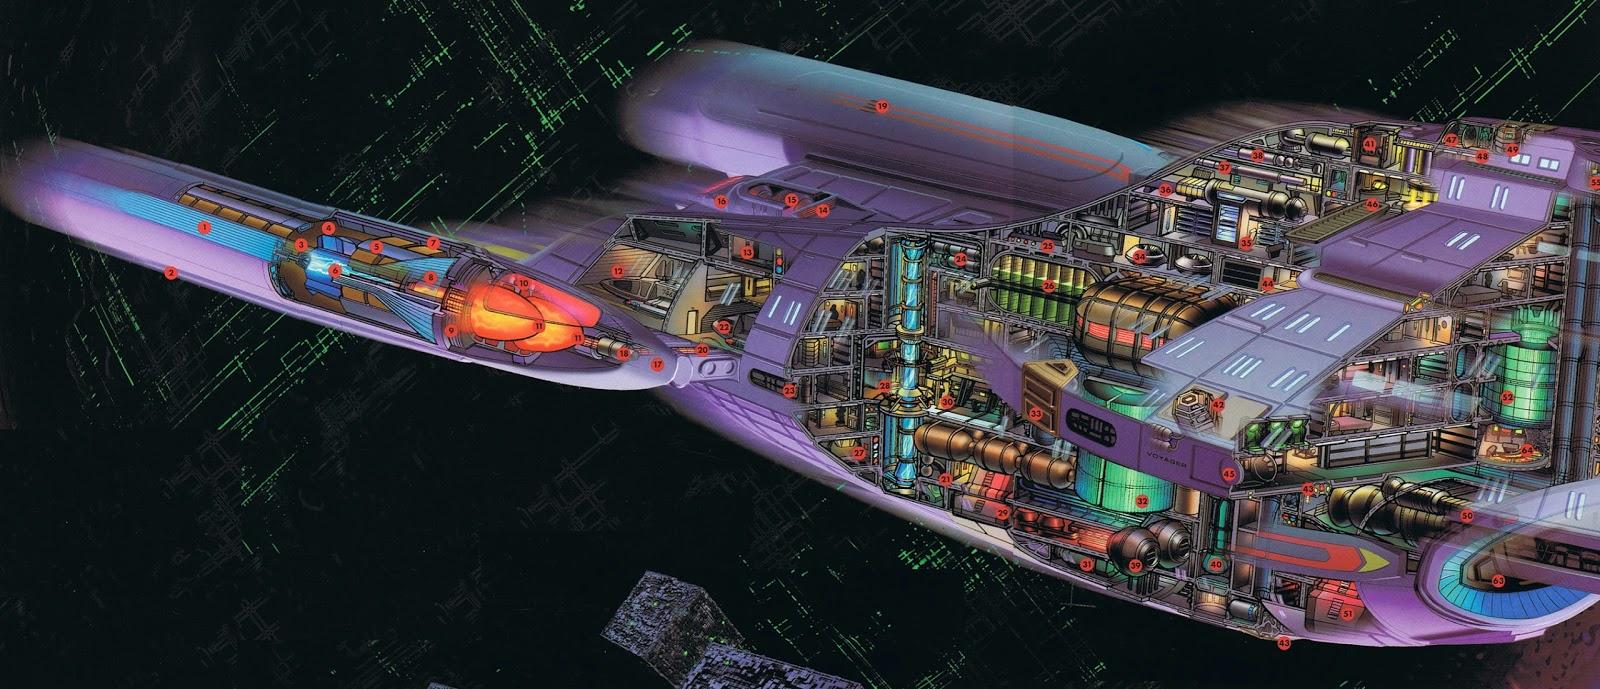 Guia De Naves Estelares Voyager Corte Esquem 225 Tico